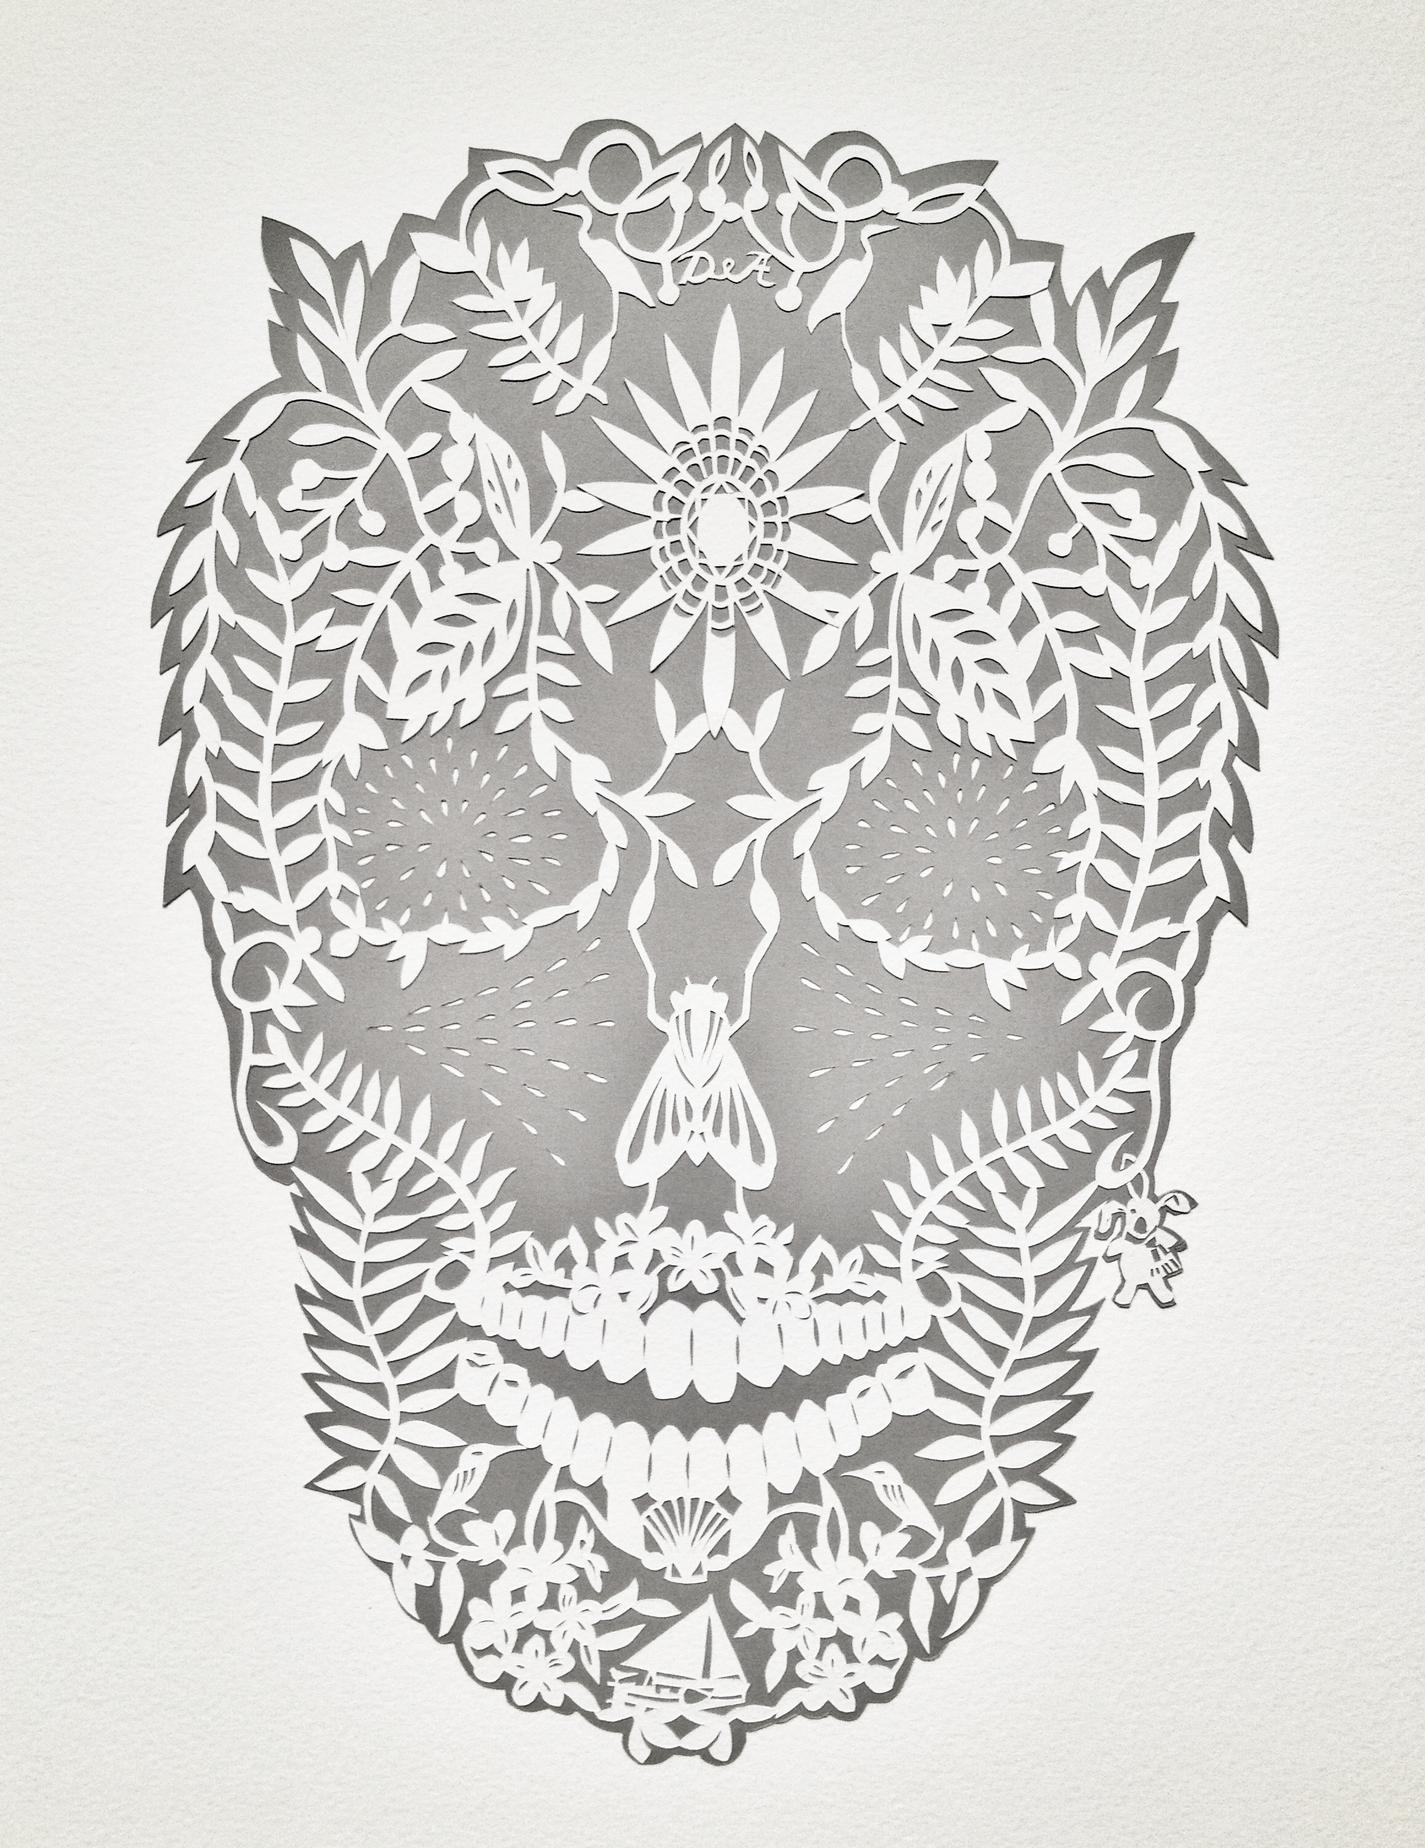 Skull_Commission_byGillGutherie